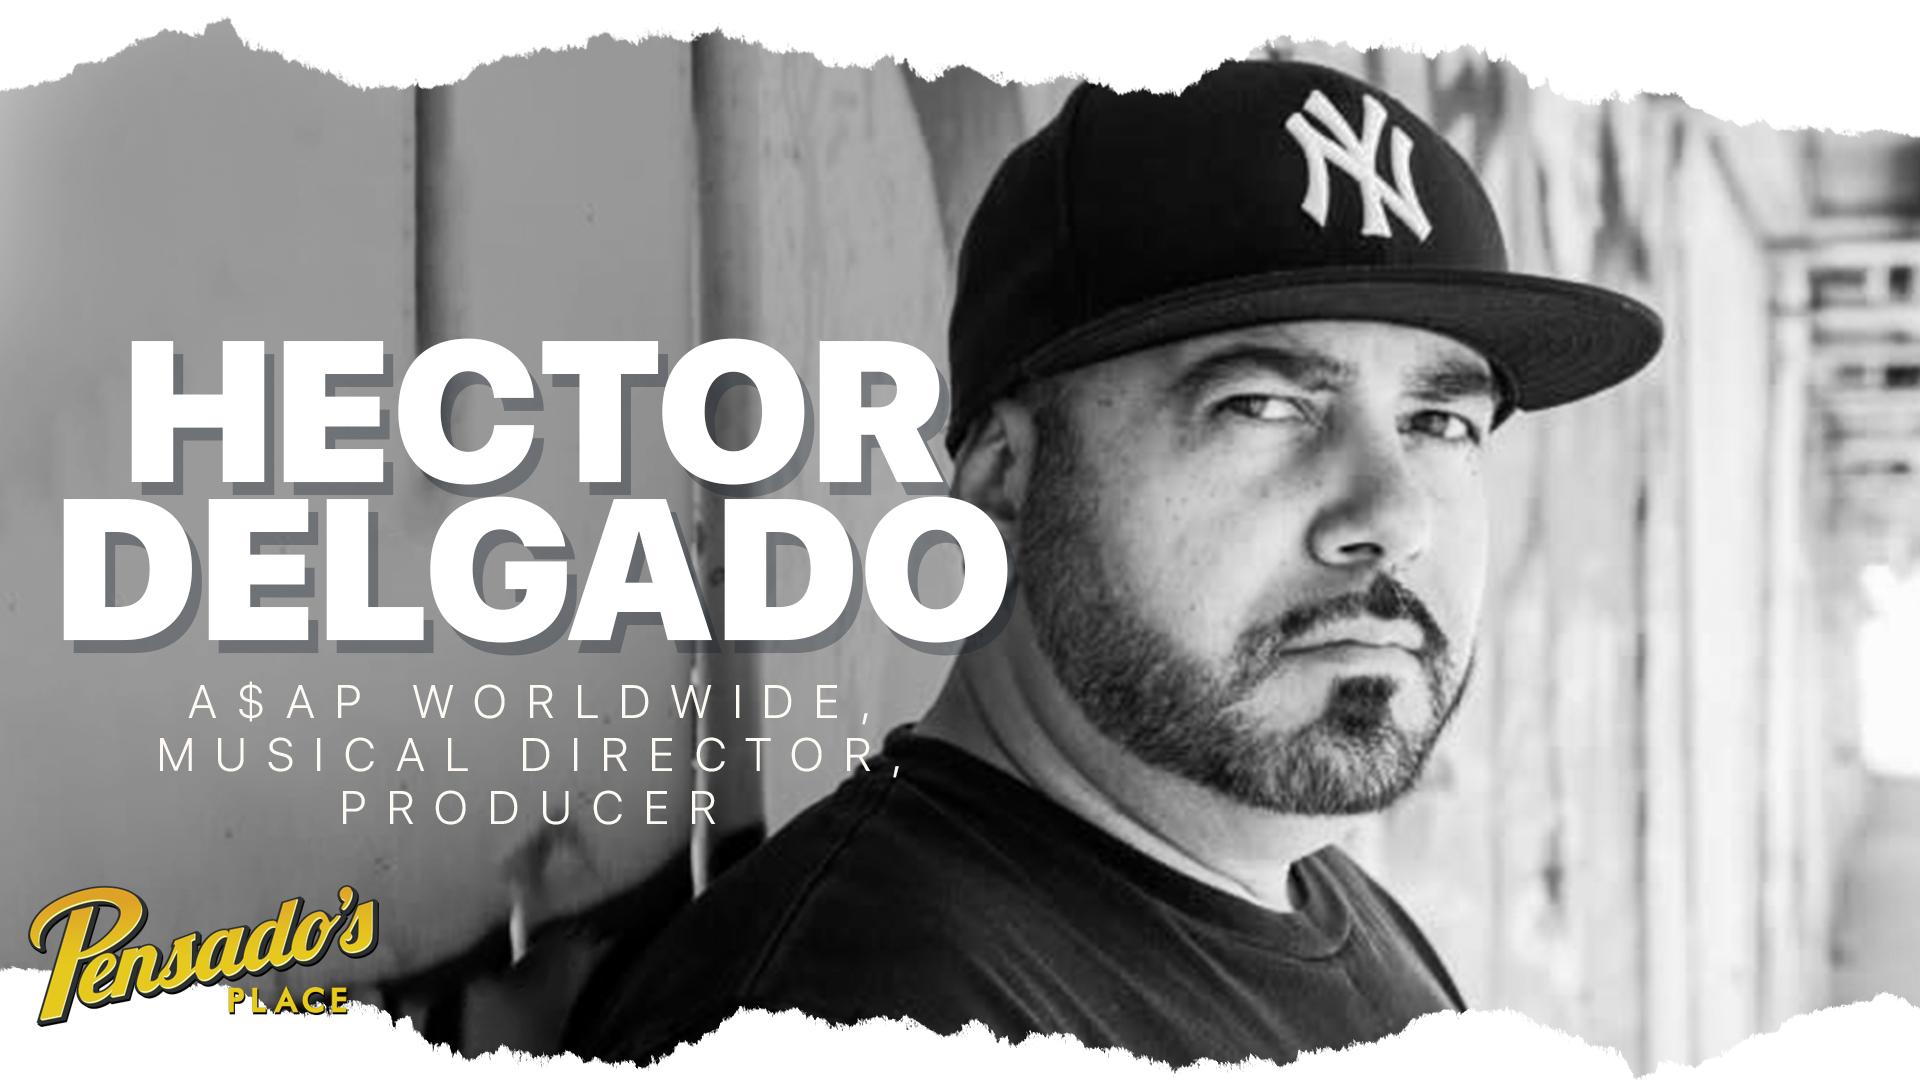 A$AP Worldwide Musical Director / Producer, Hector Delgado